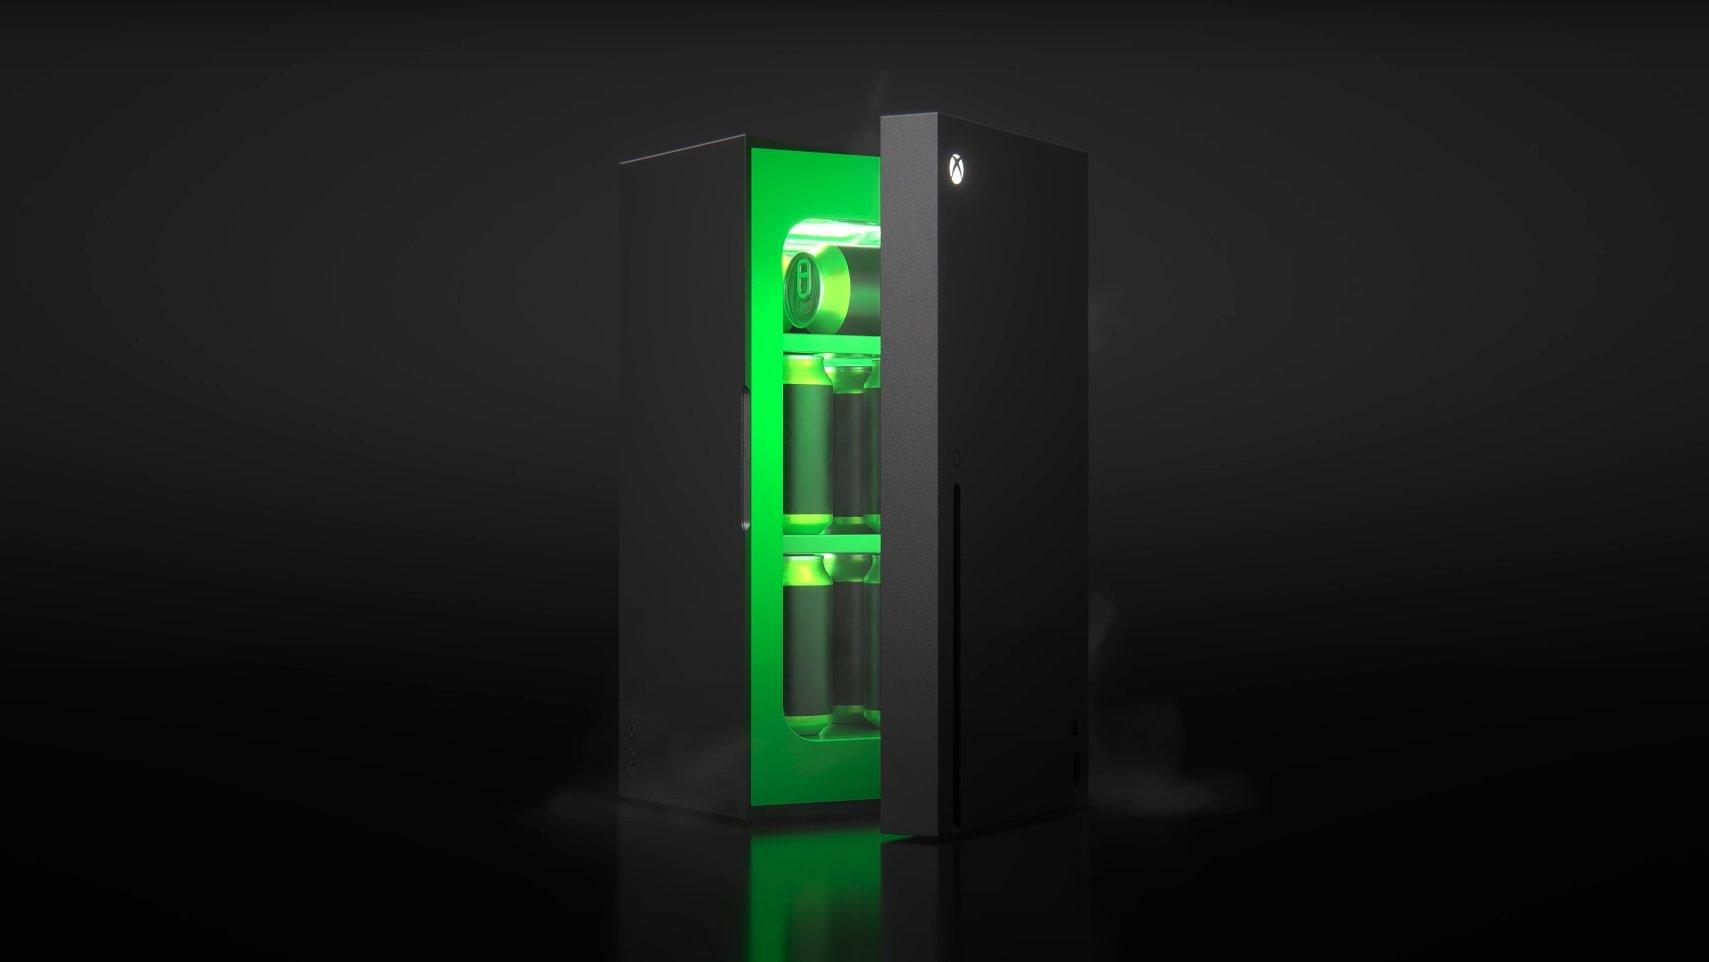 Xbox frigorifico